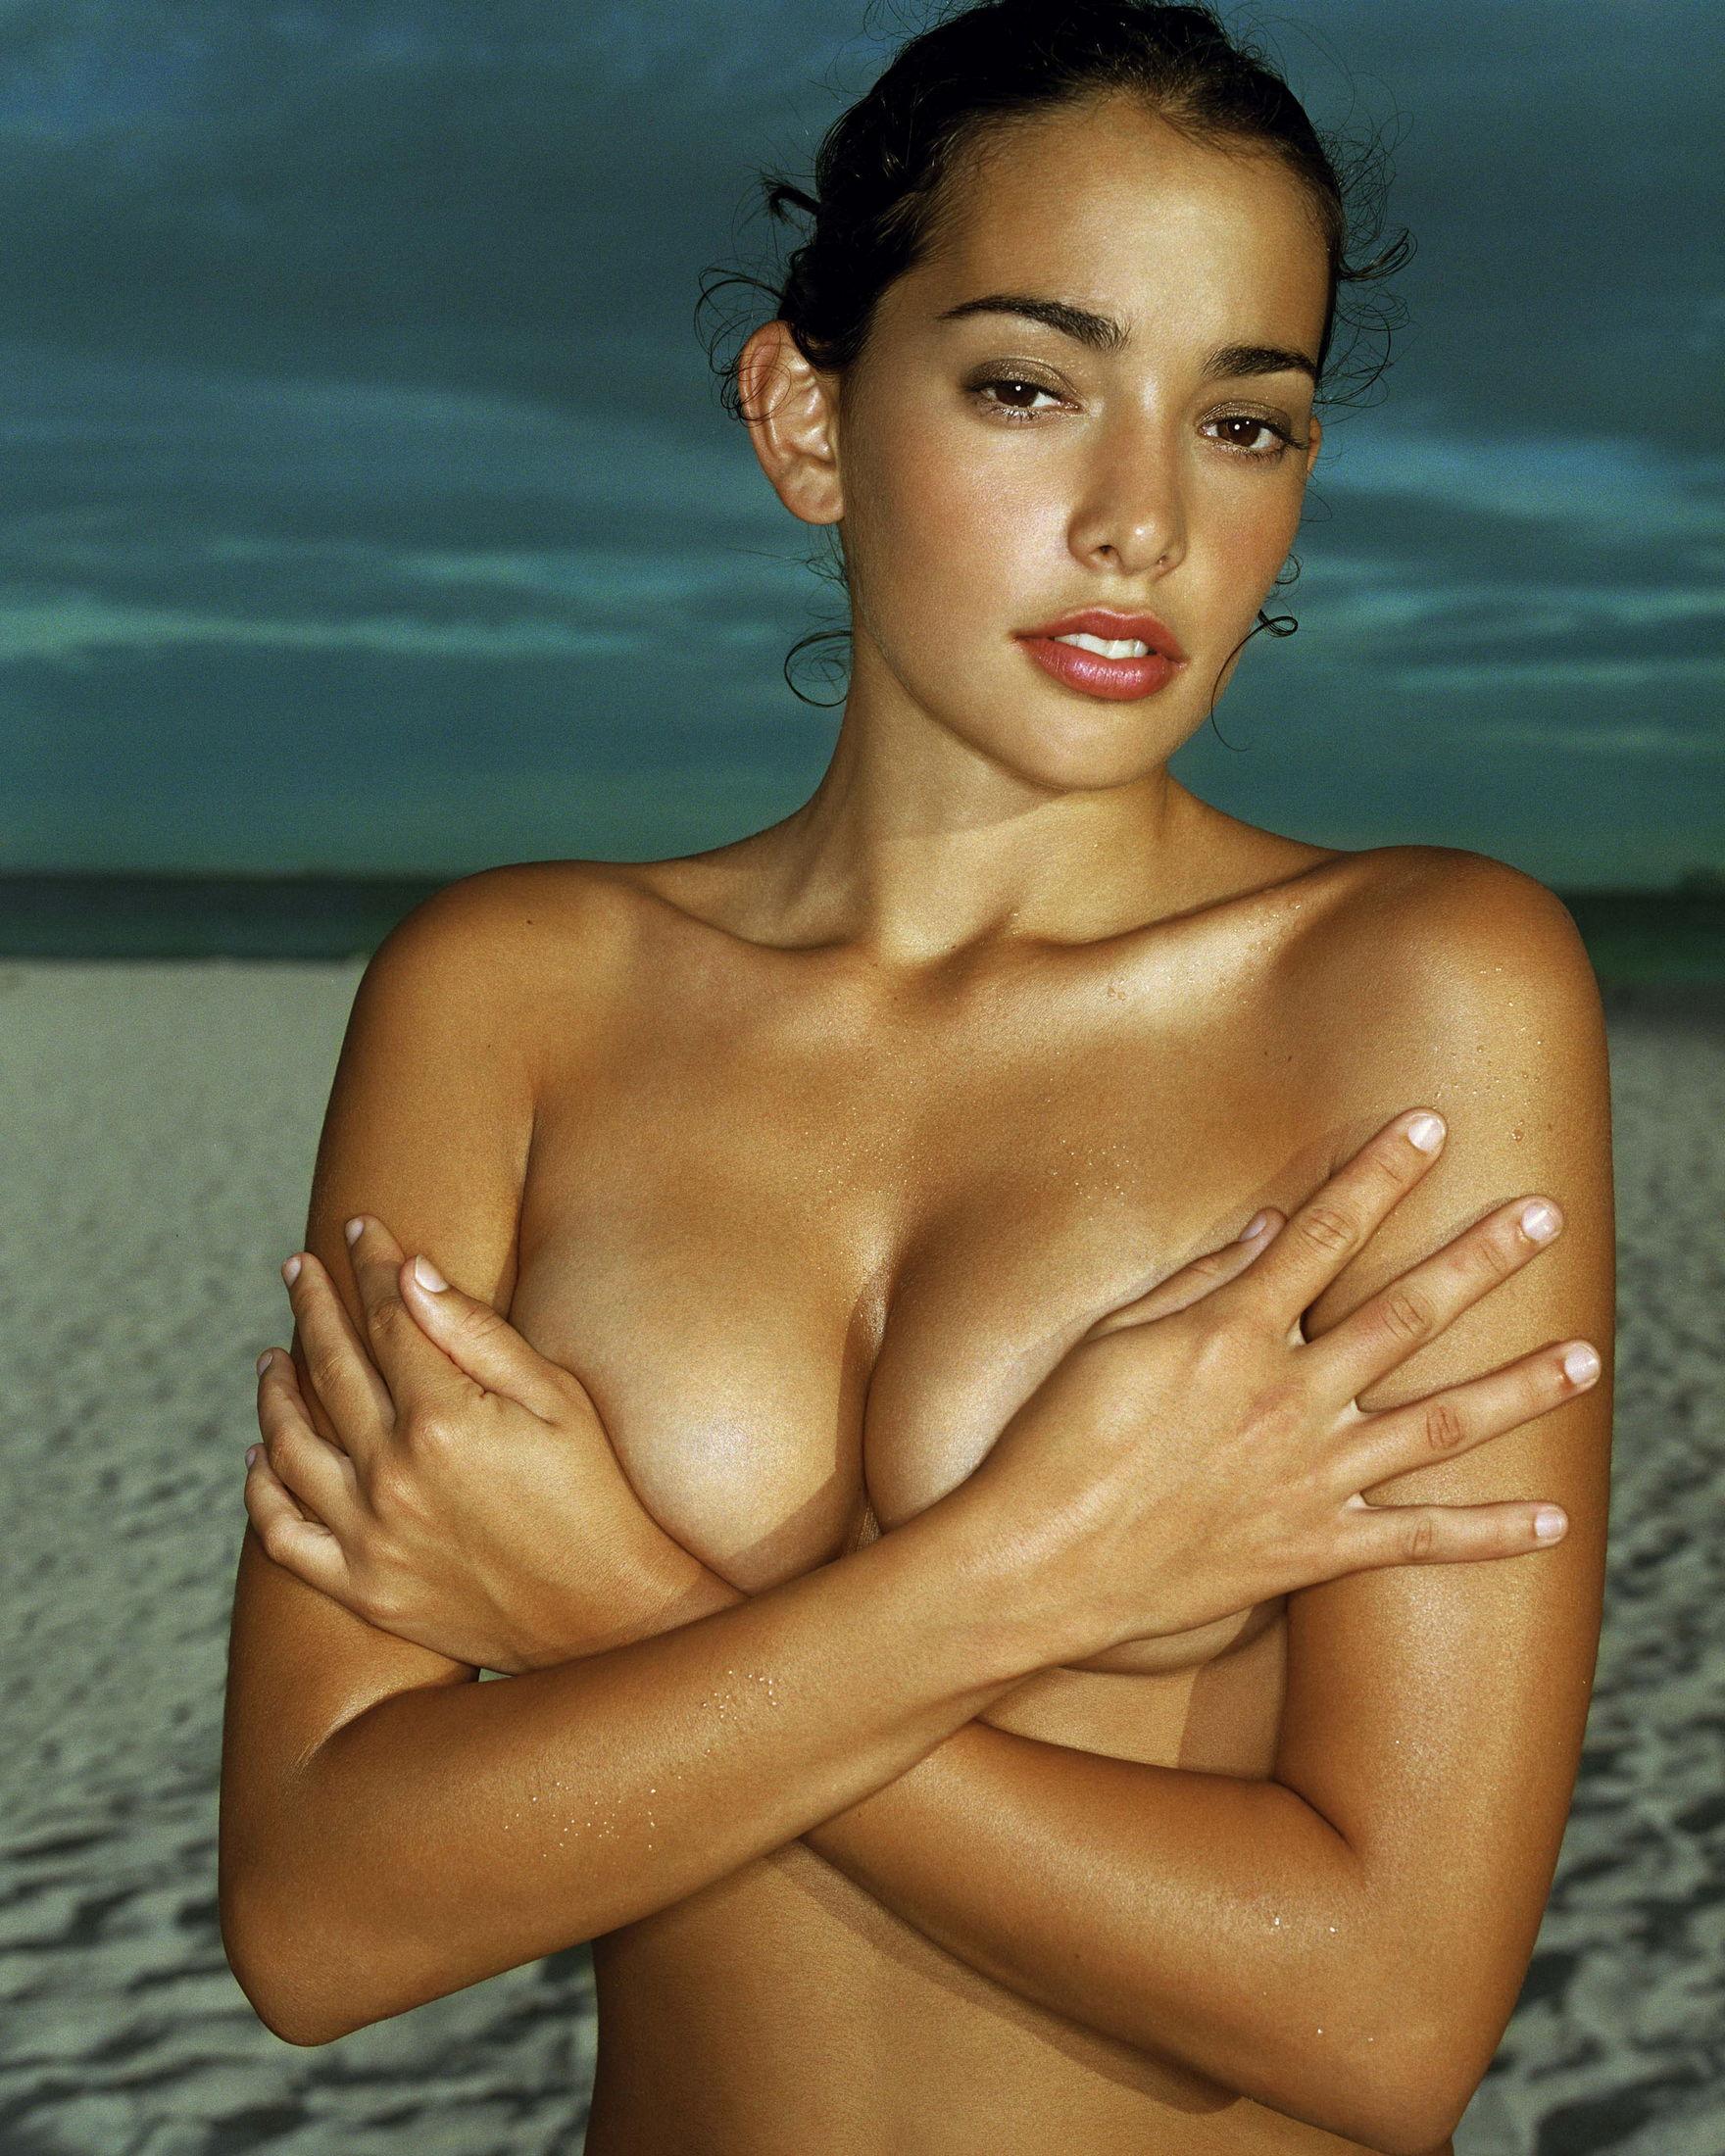 Wallpaper brunette erotic girl ass naked natalie suliman tan wet